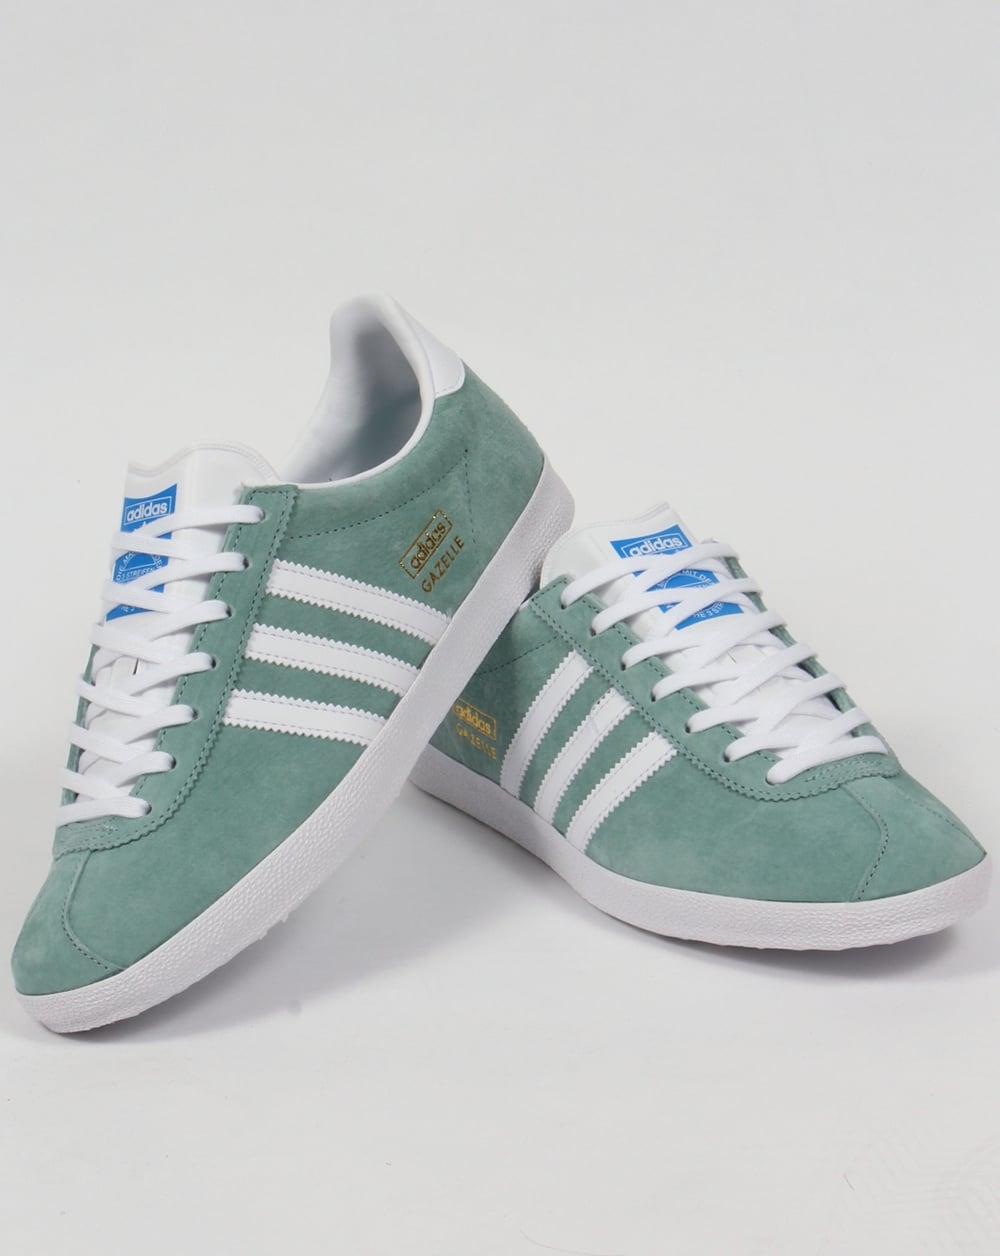 adidas gazelle og trainers legend green white originals. Black Bedroom Furniture Sets. Home Design Ideas